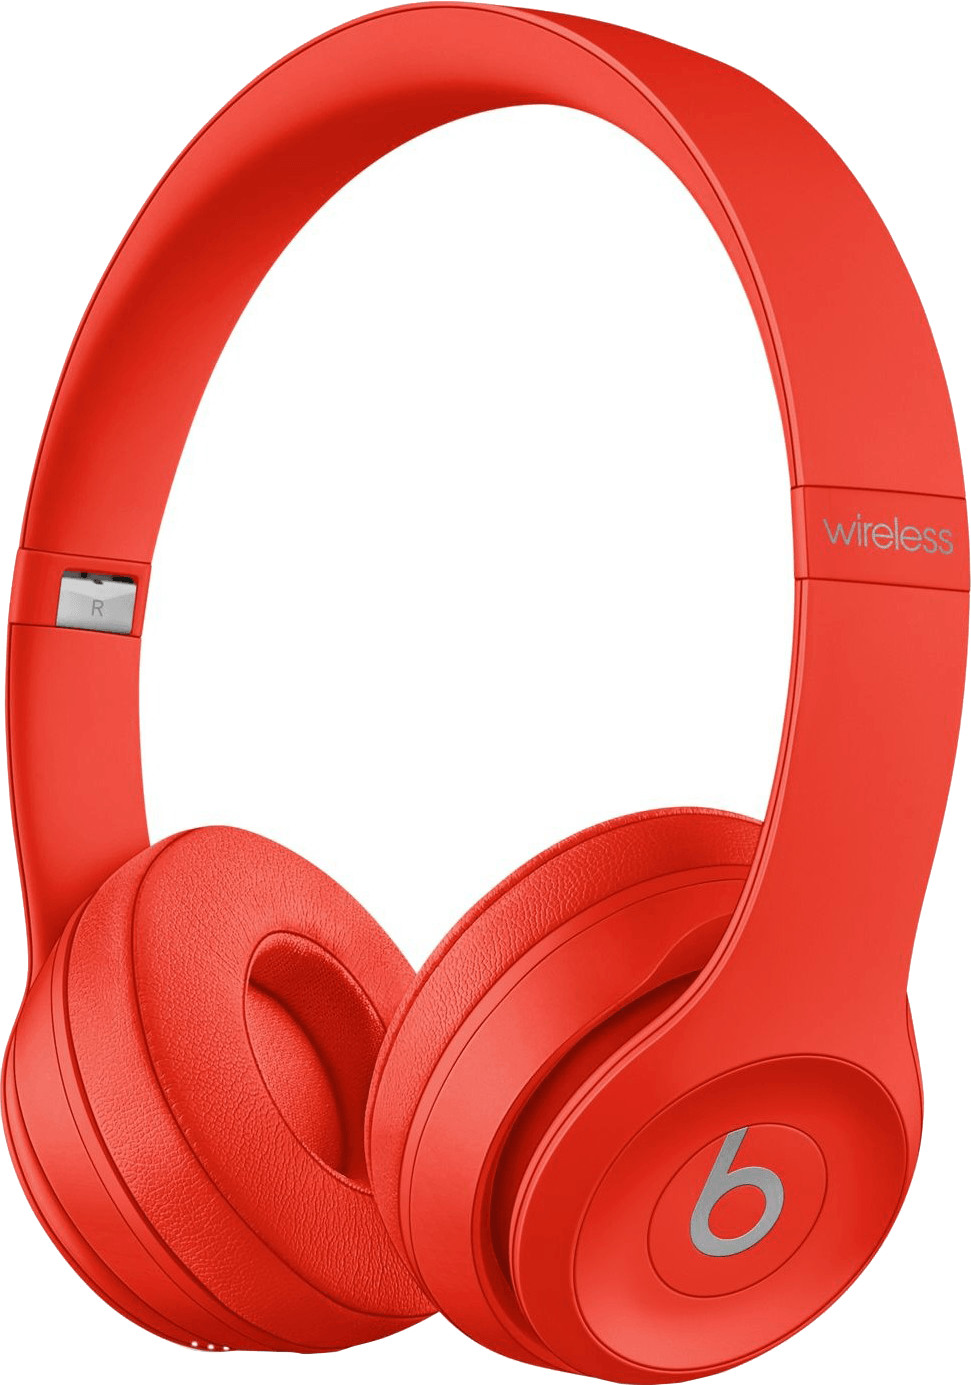 Bild zu Ab 17 Uhr: On-Ear Bluetooth Kopfhörer Beats Solo 3 Wireless für 99,43€ (Vergleich: 136,99€)